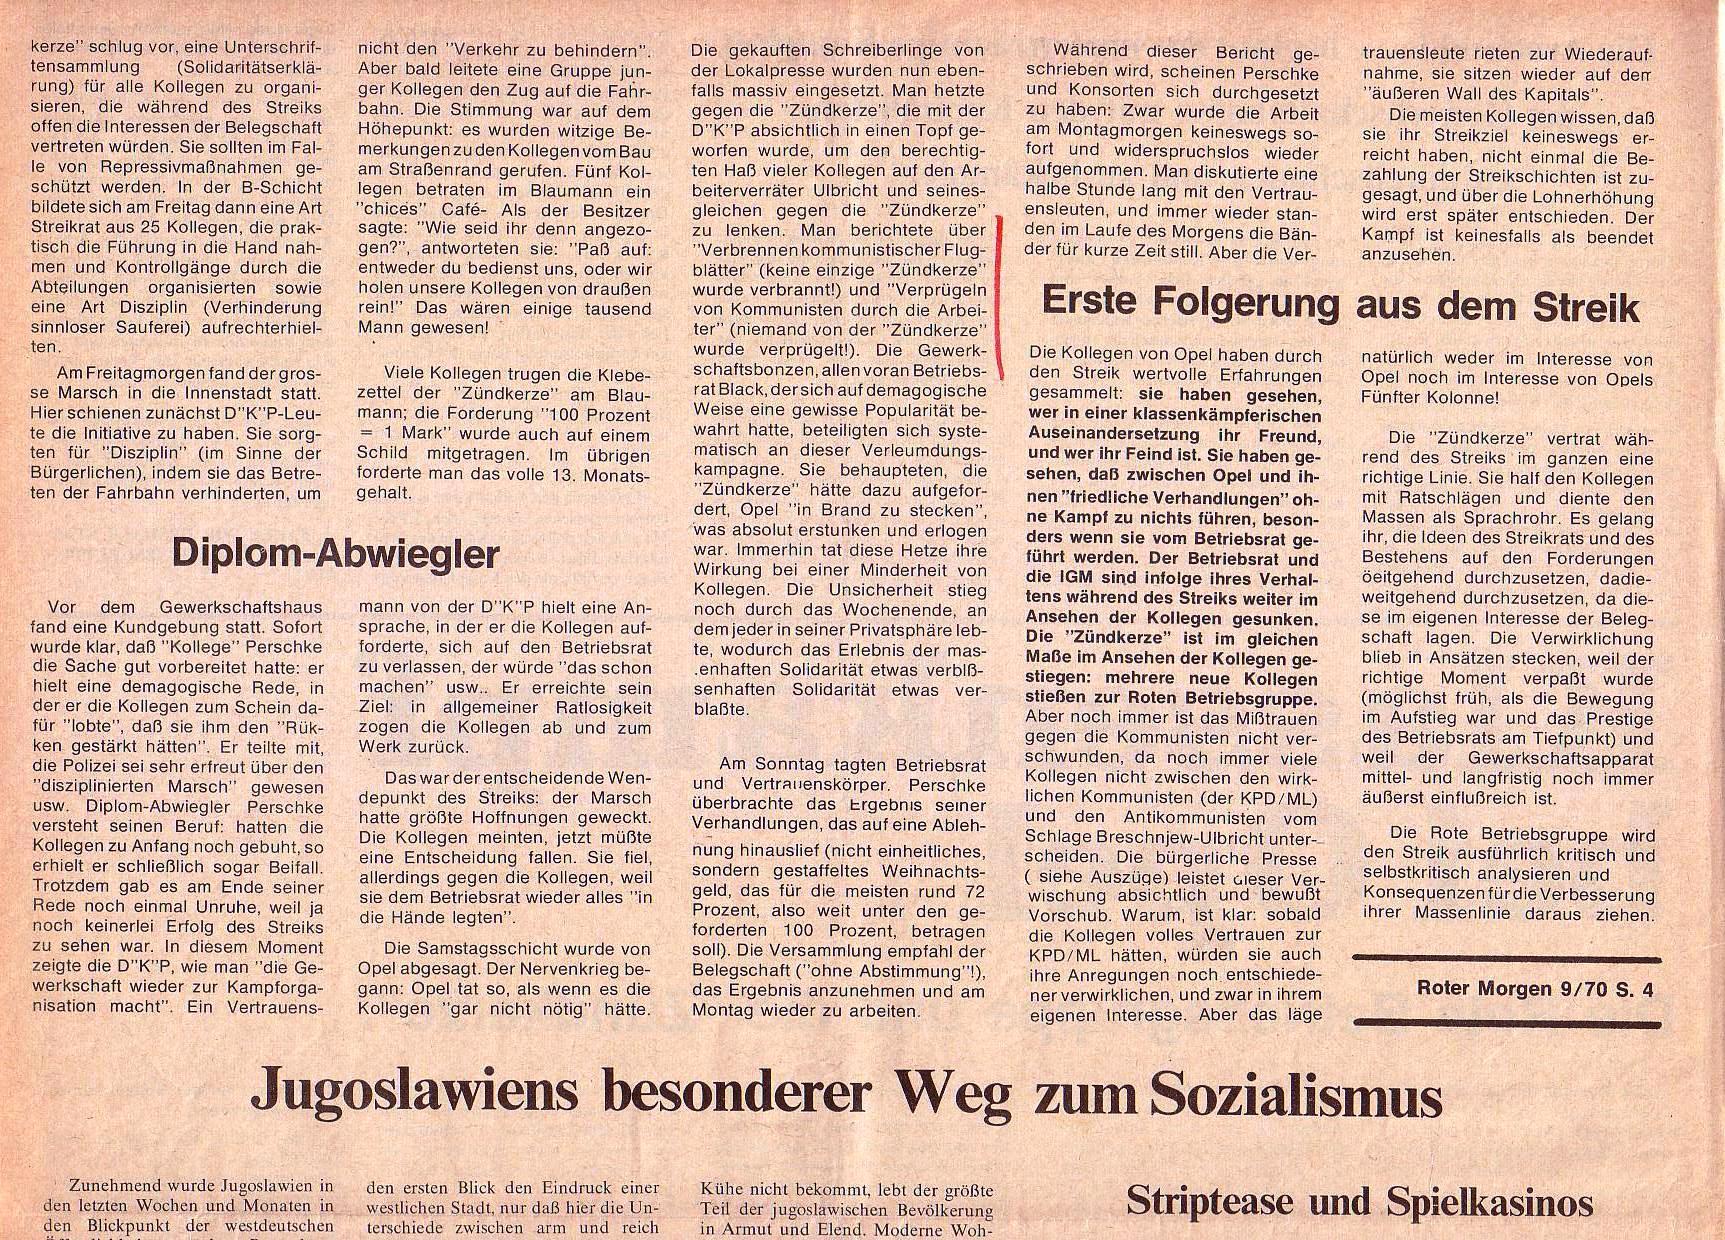 Roter Morgen, 4. Jg., Oktober 1970, Nr. 9, Seite 4a